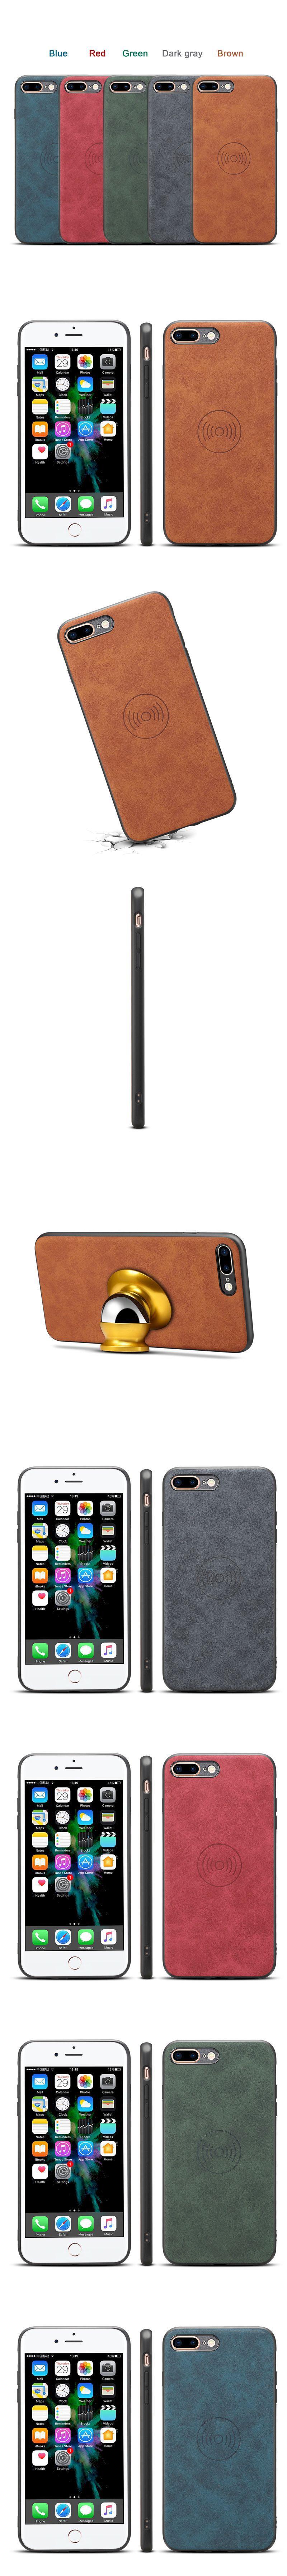 【限時活動價現貨出清】IPhone 8 7 Plus 牛皮仿真皮保護殼手機殼背蓋內置鐵片(無磁鐵)